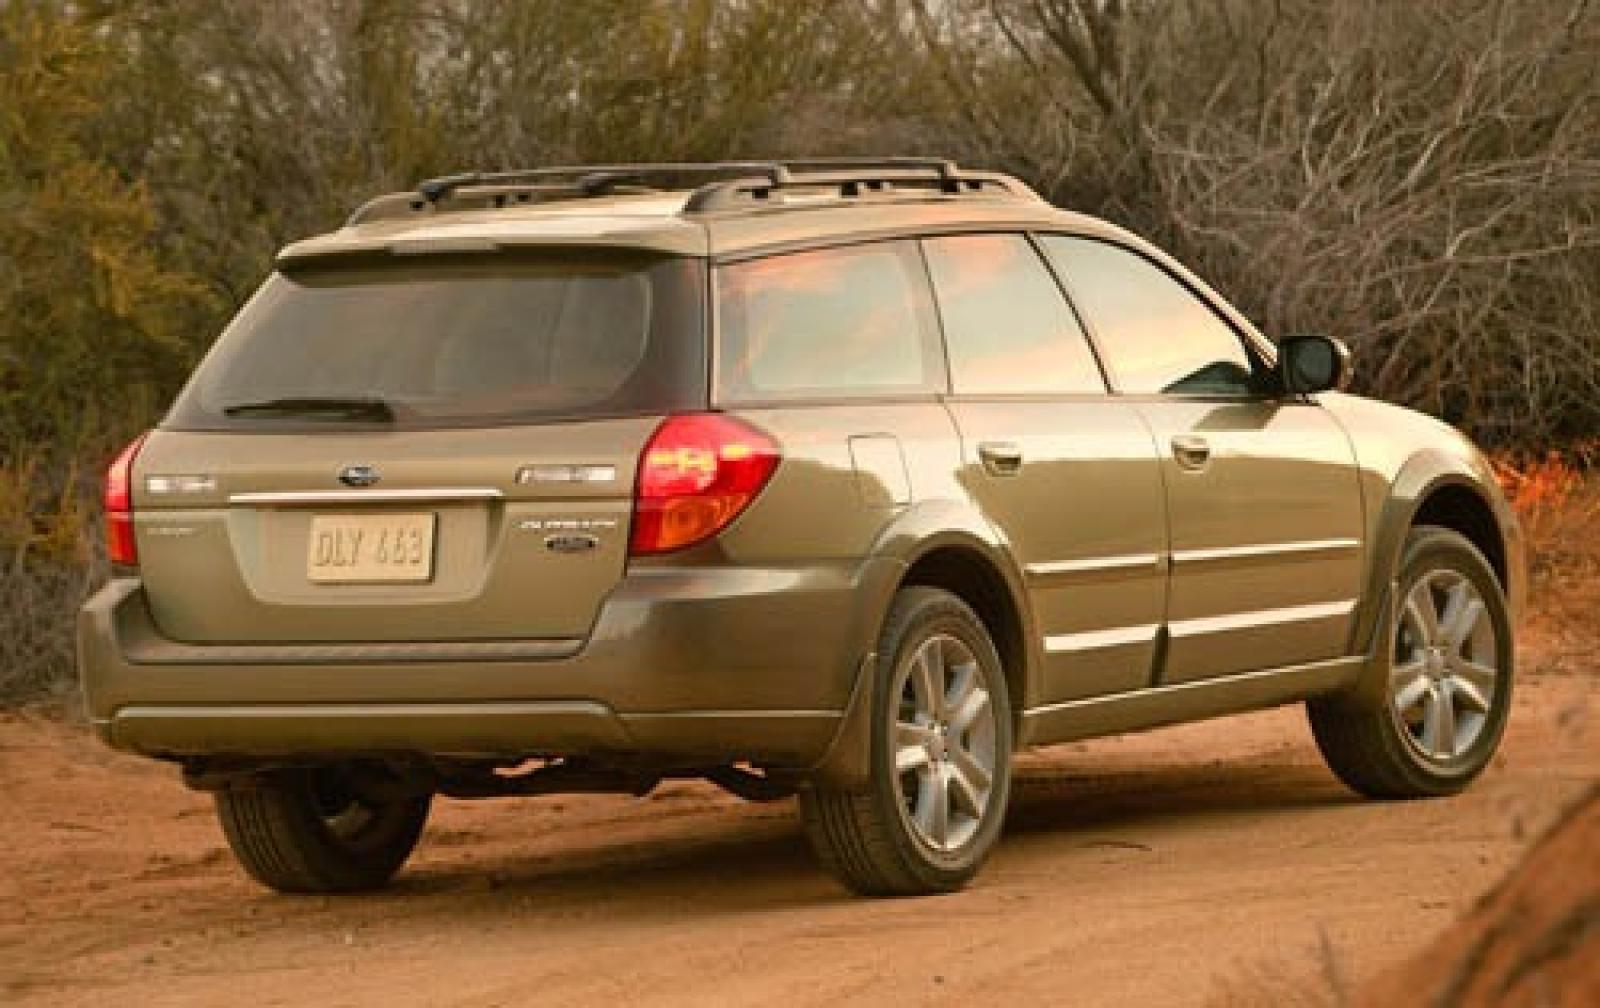 800 1024 1280 1600 Origin 2005 Subaru Outback